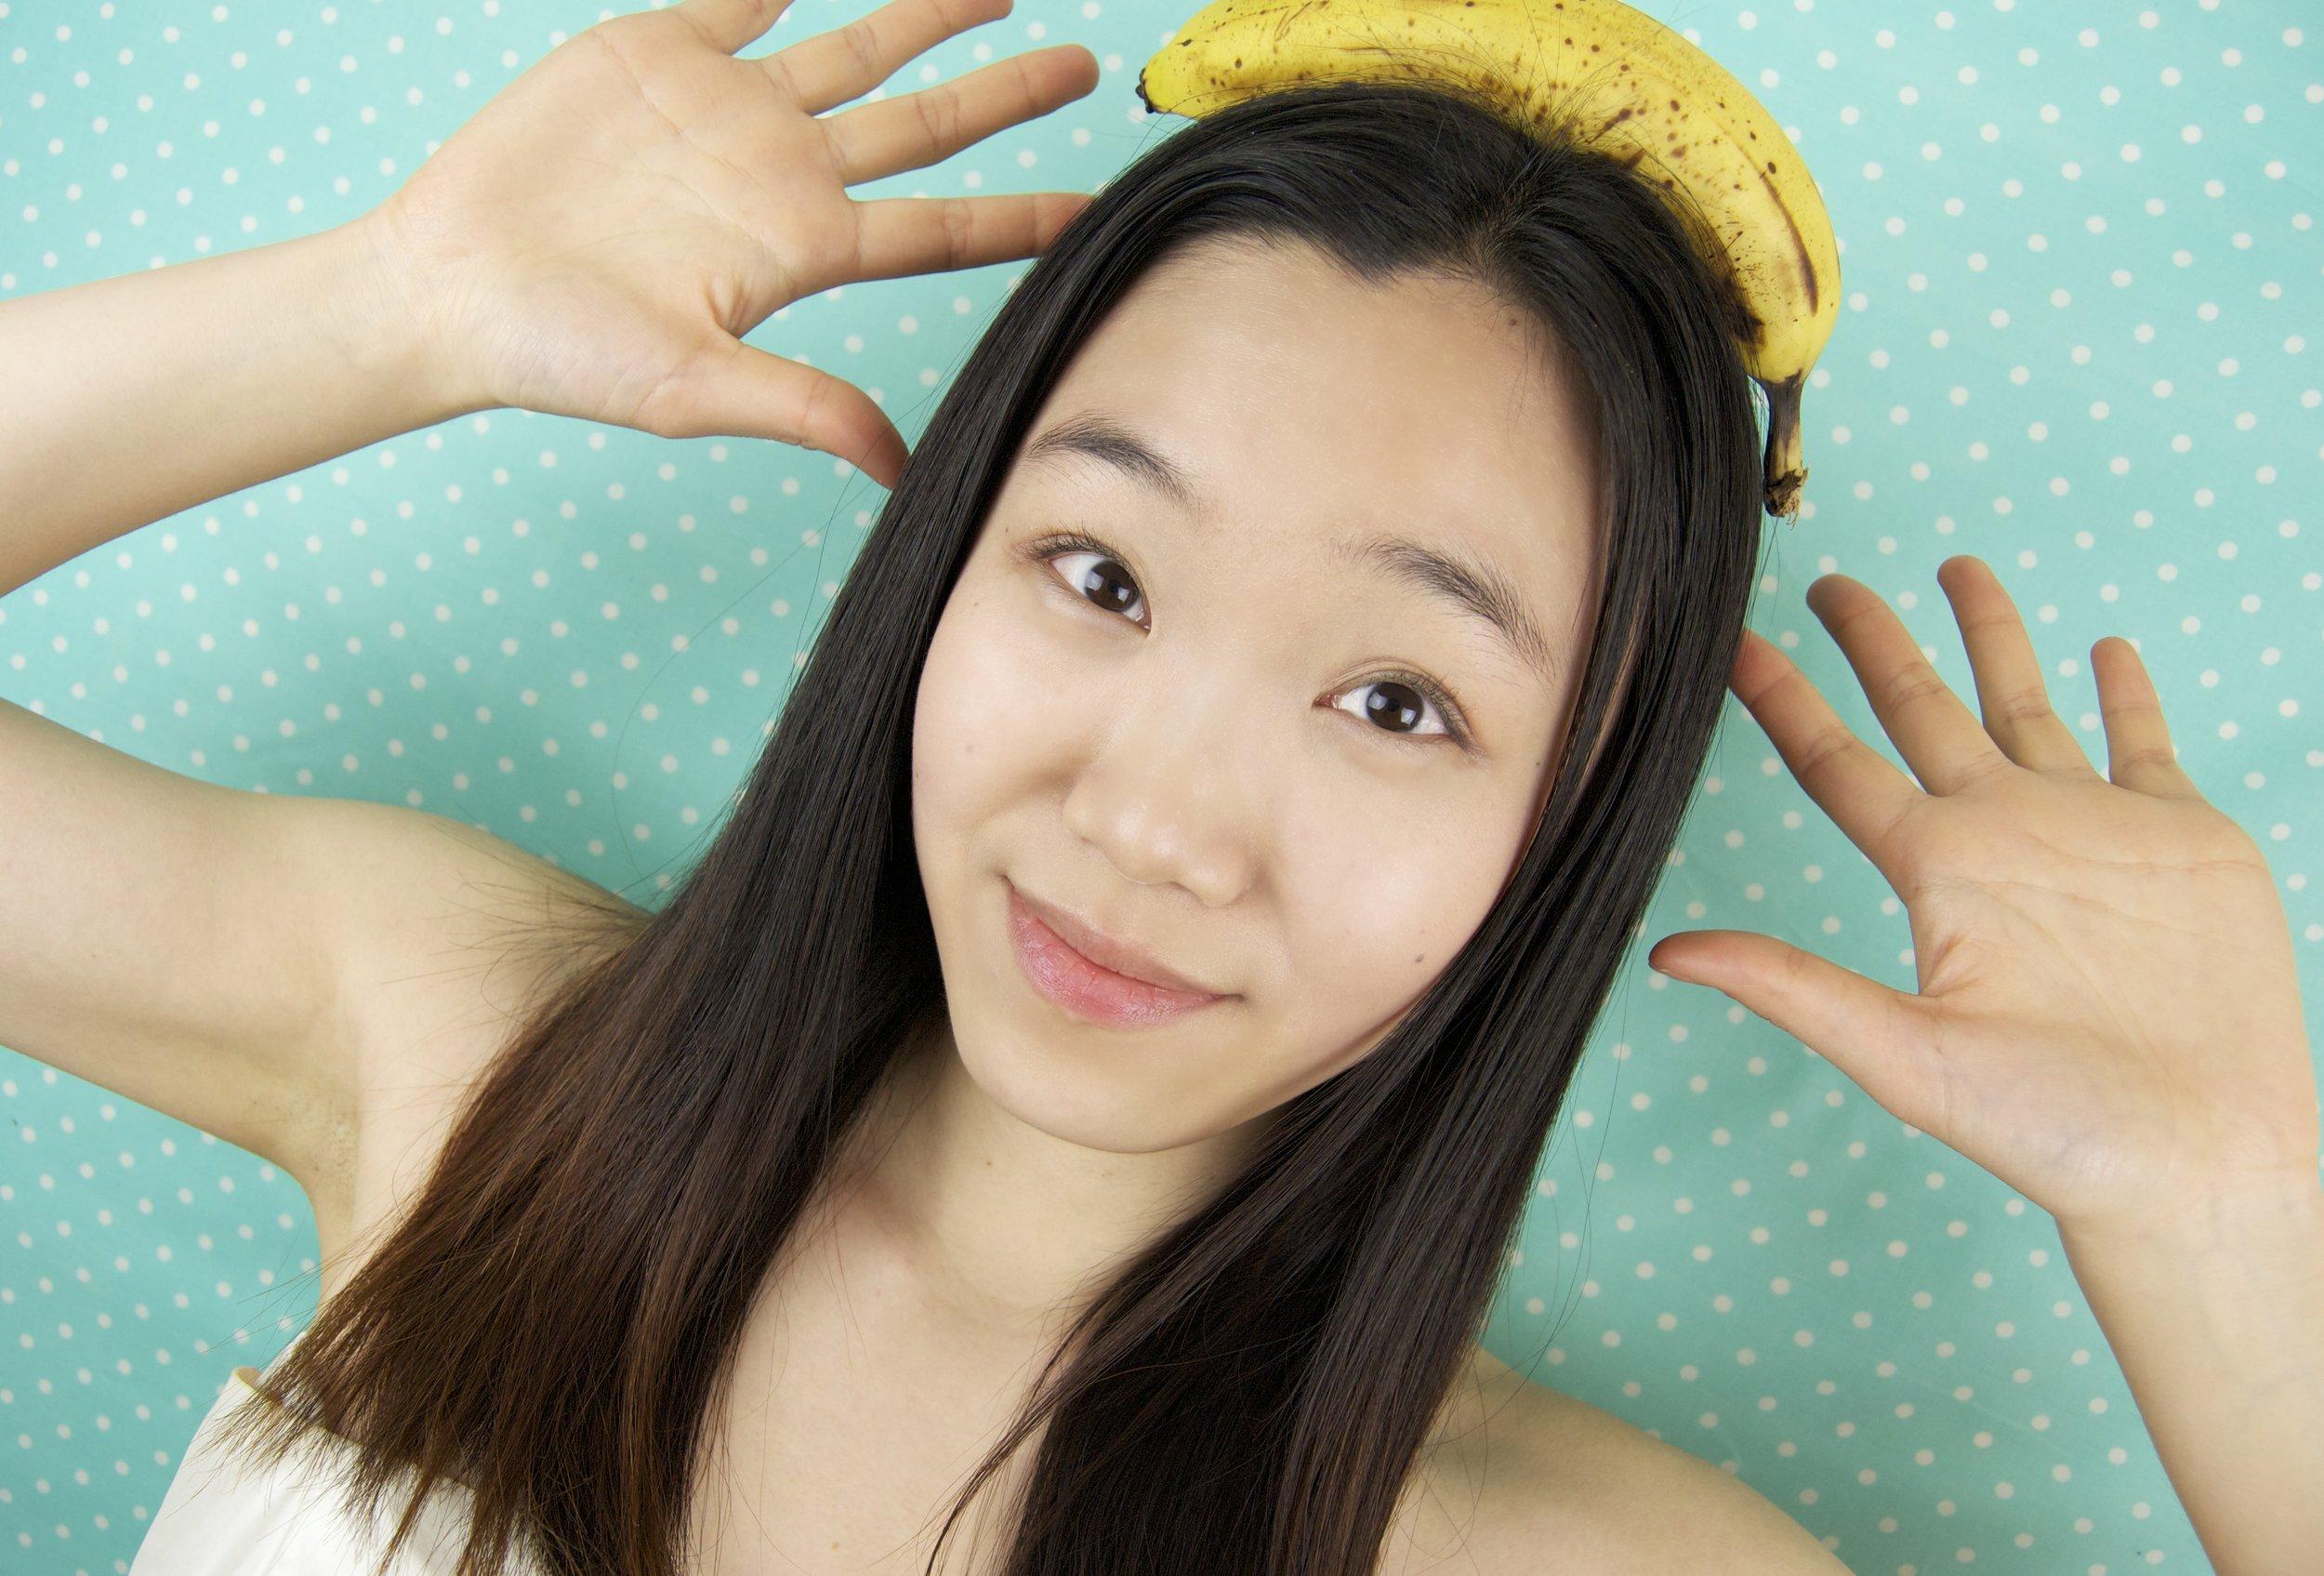 banana-on-head-smiling.jpg